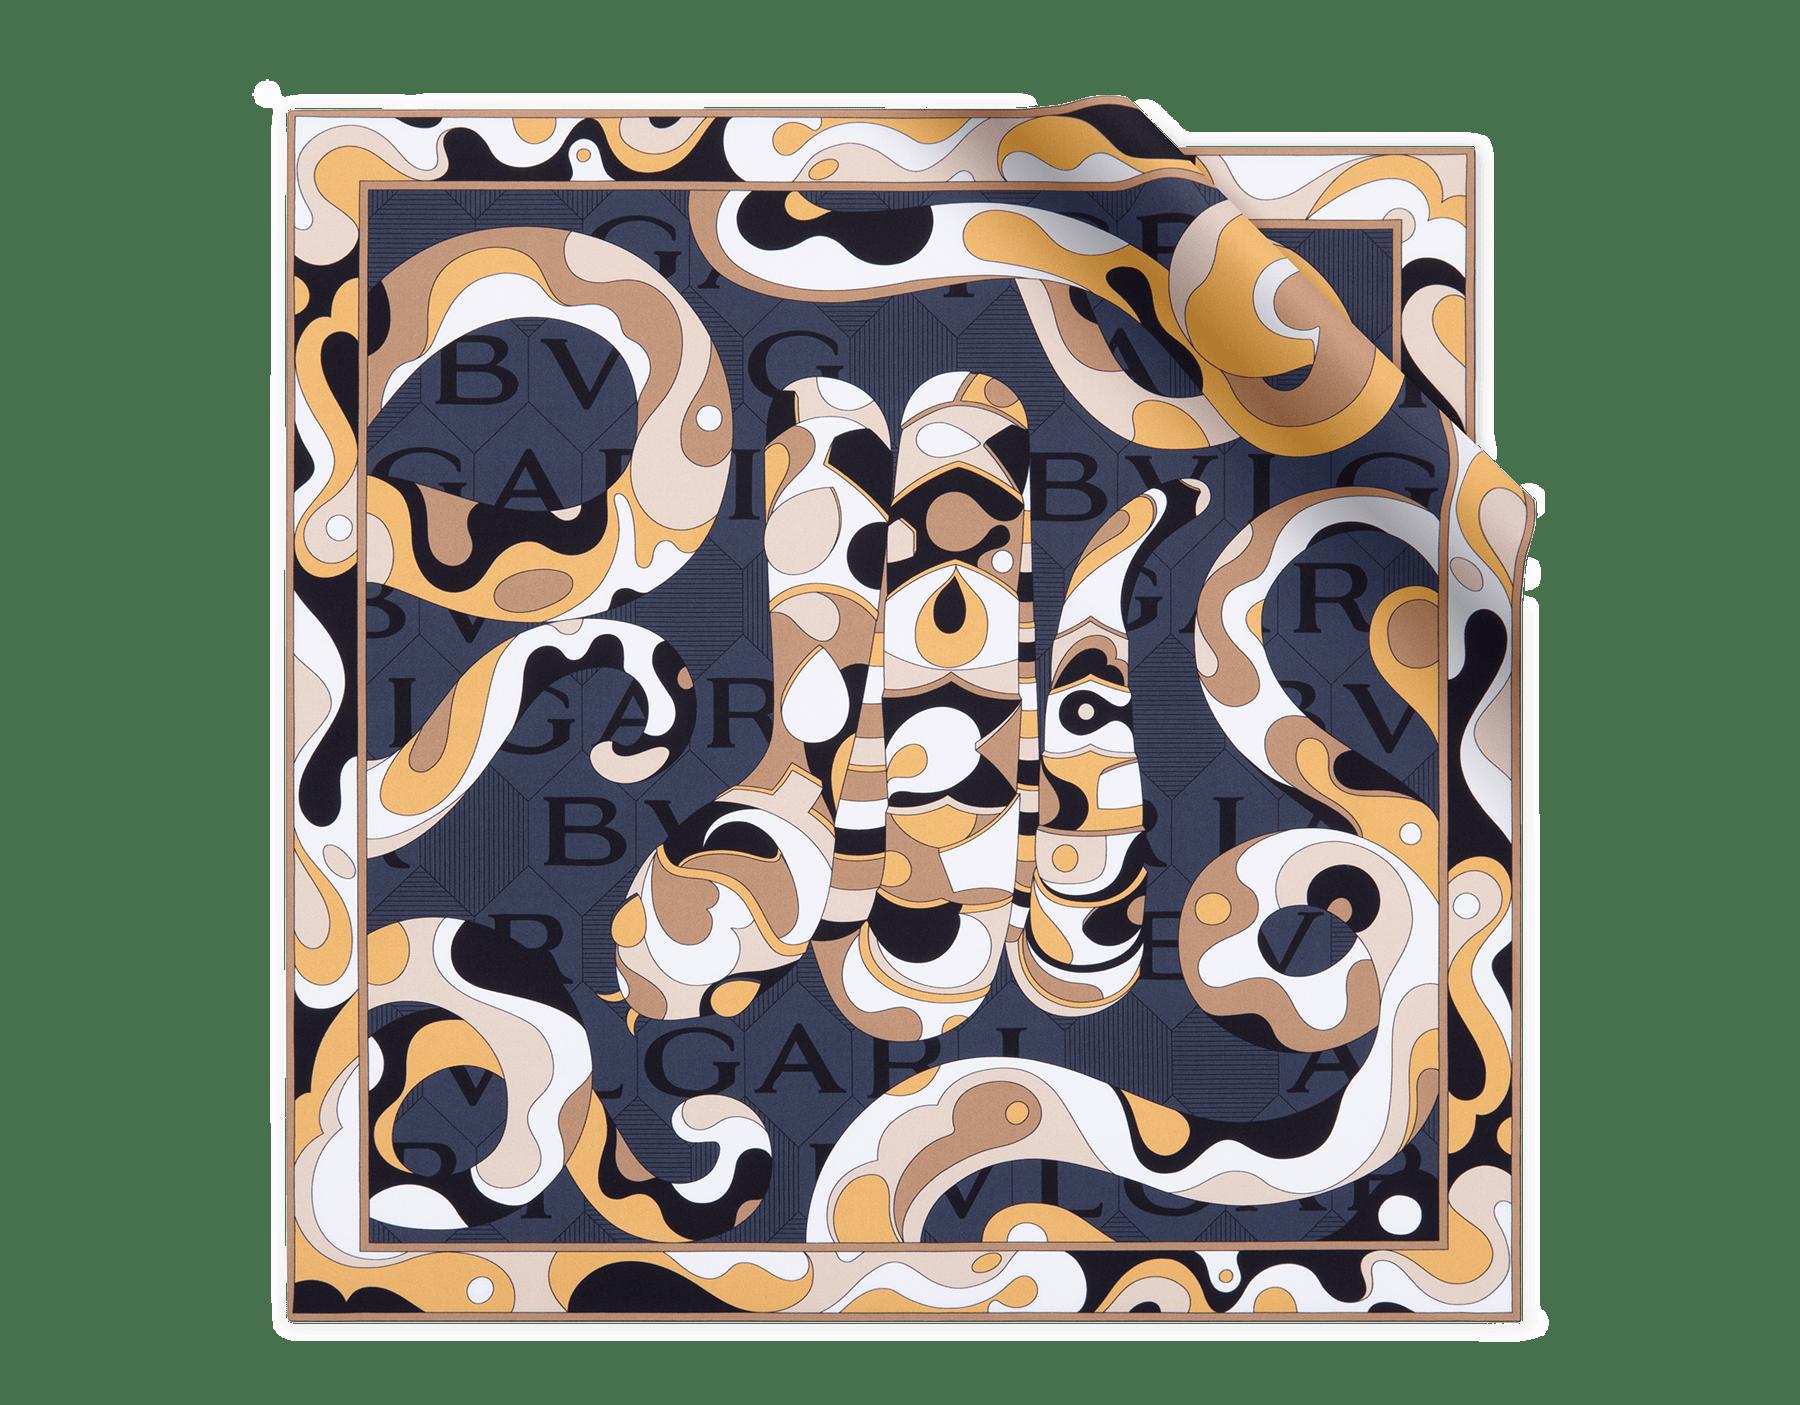 「Snakeflage」柄があしらわれたブラックのスカーフ。上質なツイルシルク製。 244016 image 1